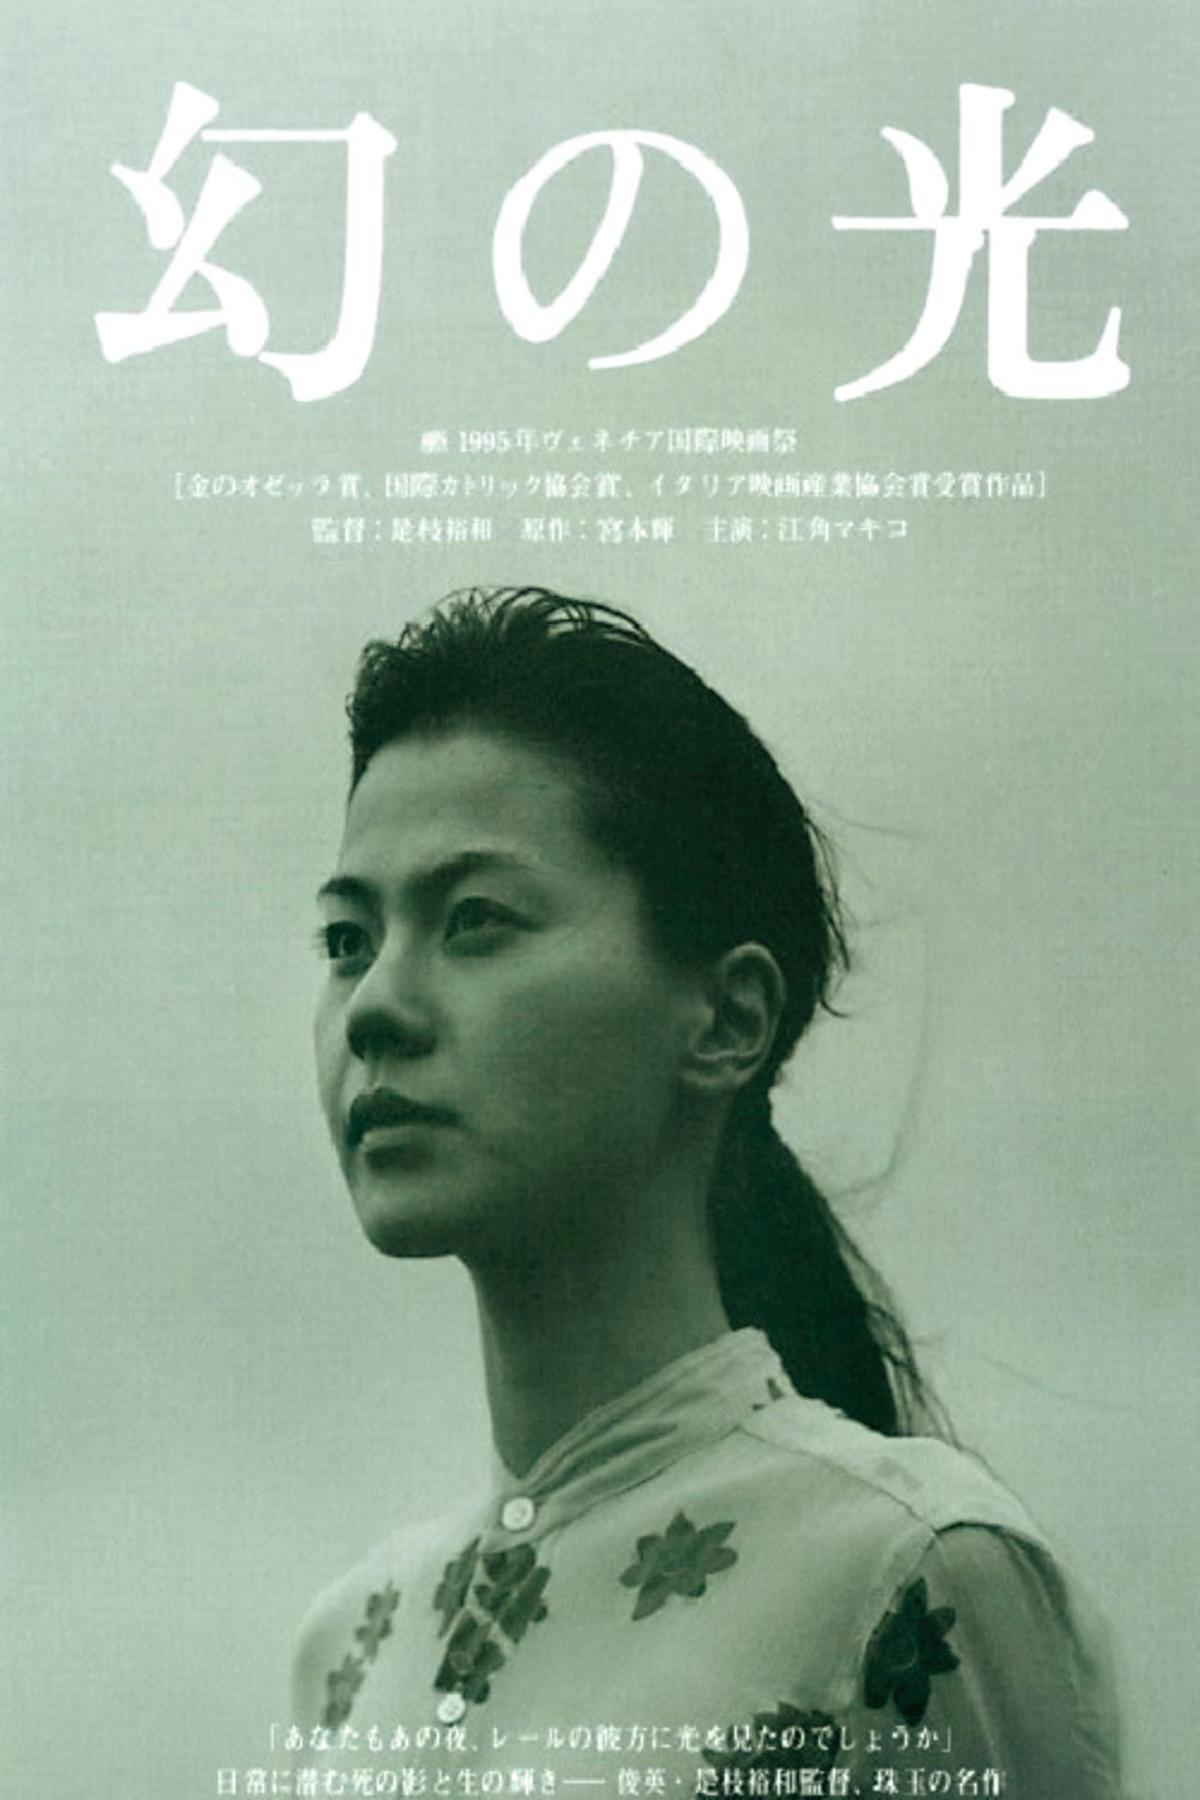 是枝裕和從首部劇情長片開始就大放異彩,《幻之光》獲威尼斯影展金奧薩拉獎。(高雄電影館提供)